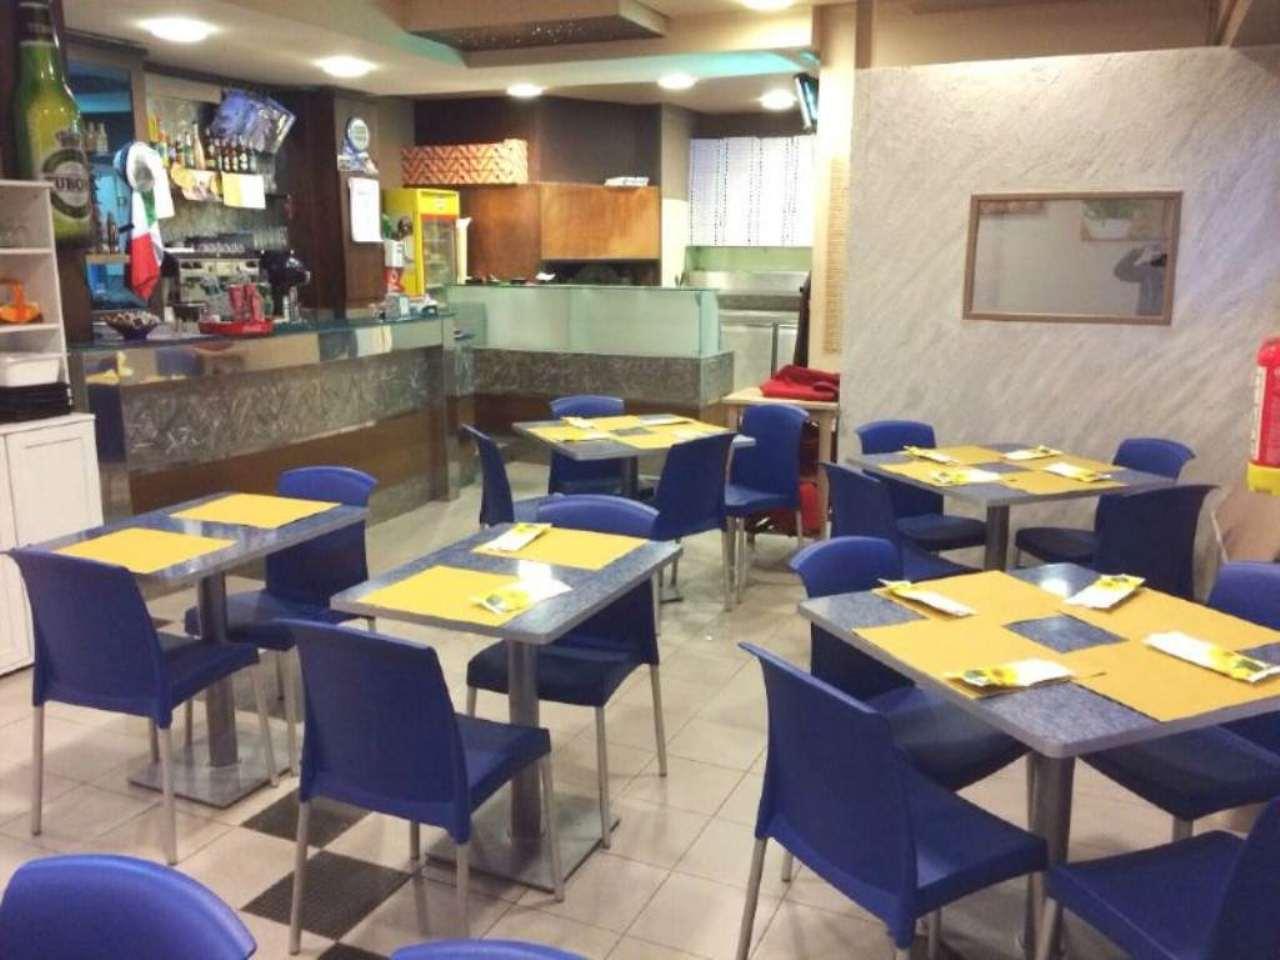 Ristorante / Pizzeria / Trattoria in Vendita a Cassina de' Pecchi